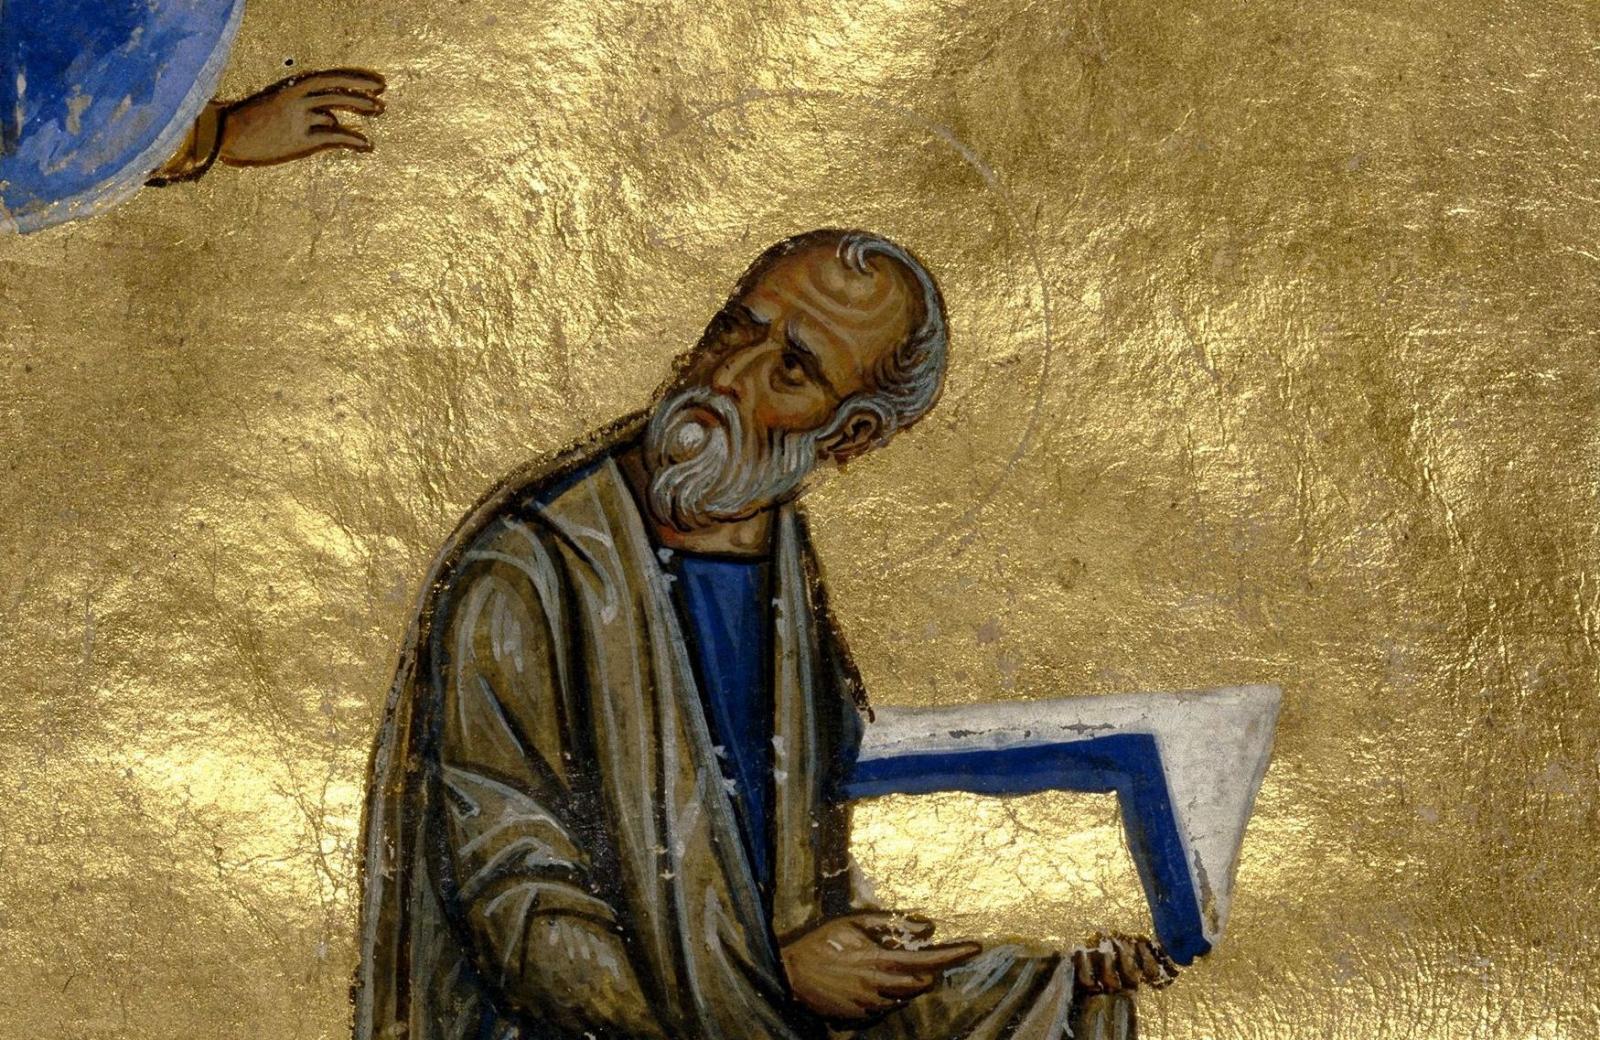 Интересные факты о Новом Завете, или чем послание апостола Иоанна отличается от других